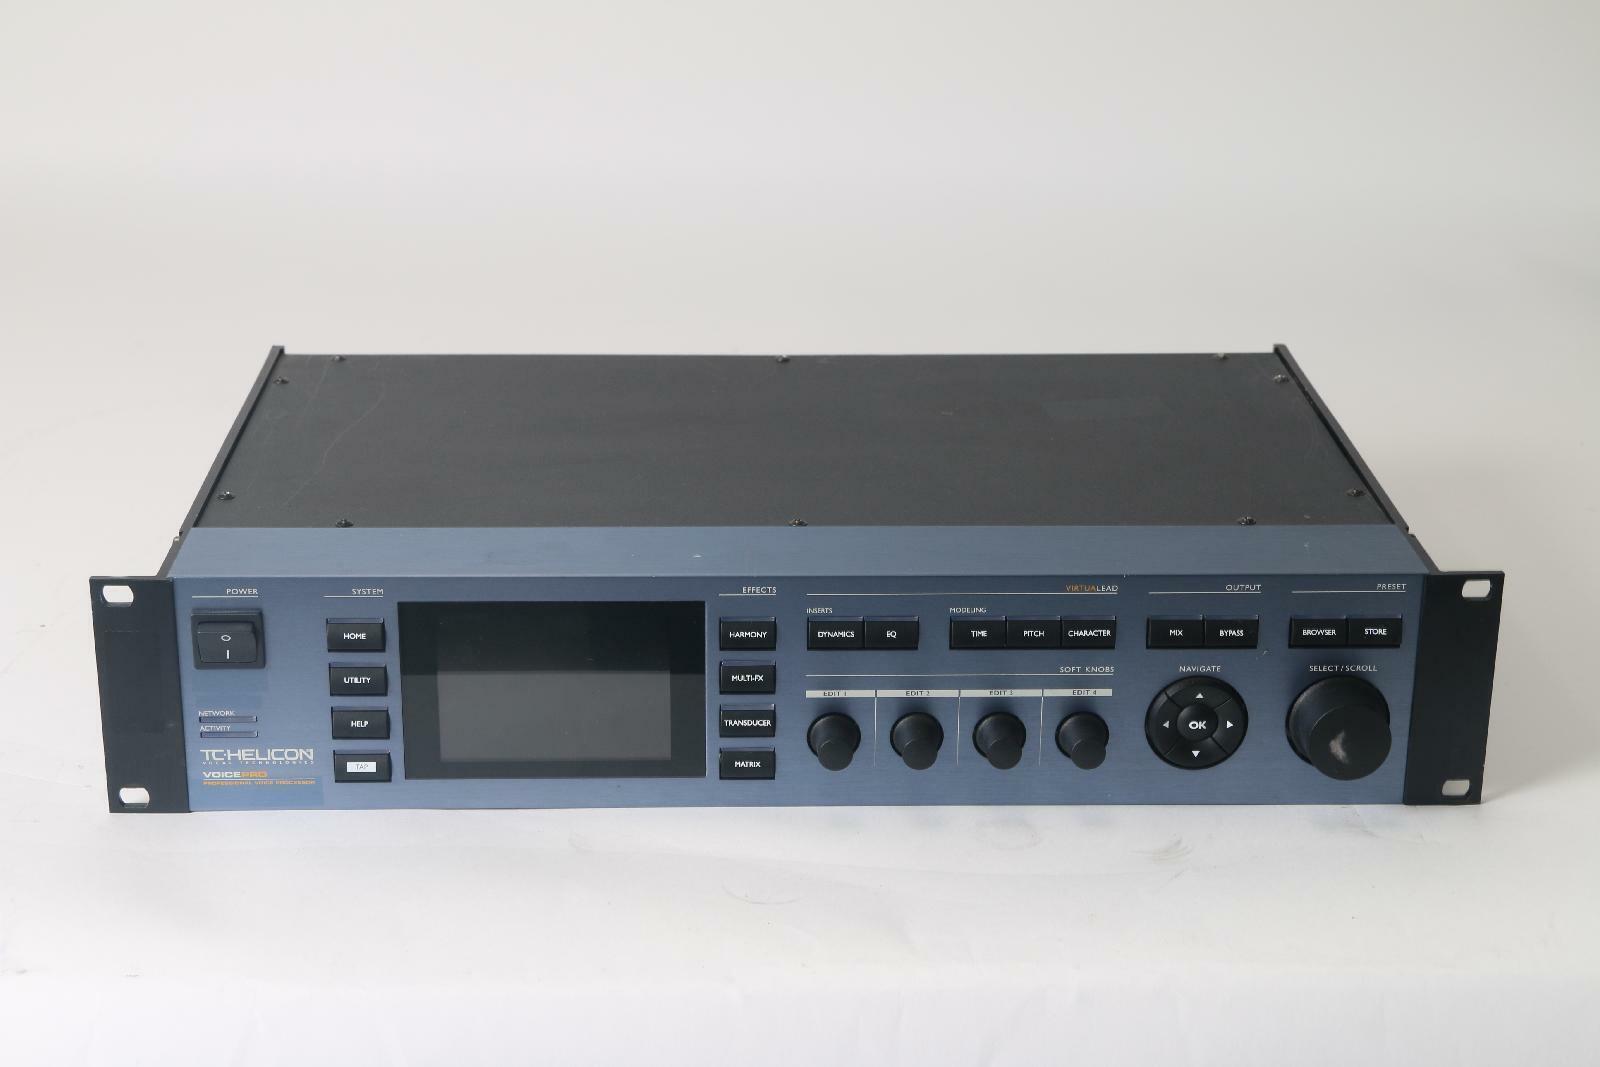 TC Helicon Voice Pro VoicePro Boxbuild Professional Voice Processor- Fair